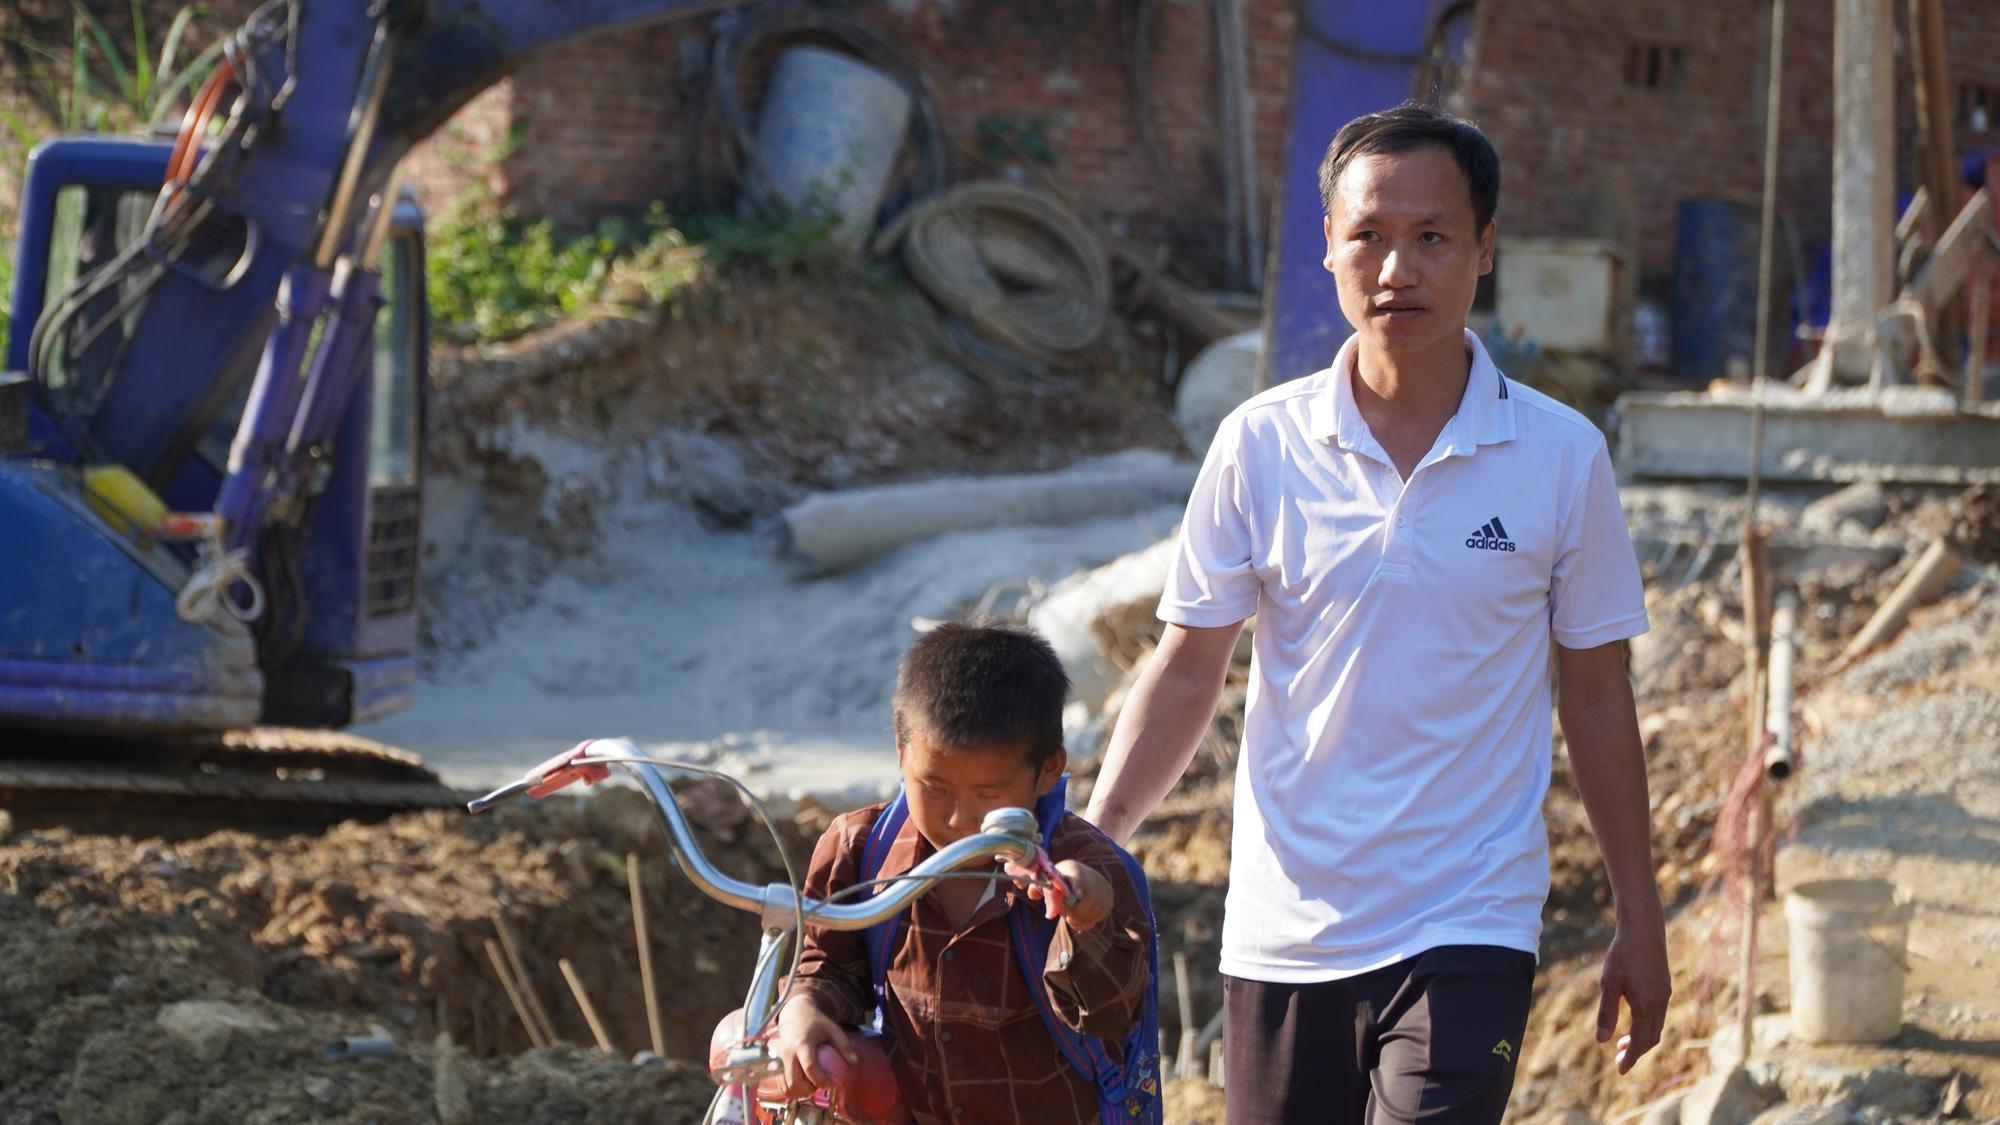 Tăng cường kỹ năng phòng chống thiên tai cho trẻ: Chiến lược lâu dài cho sự phát triển bền vững - Ảnh 8.